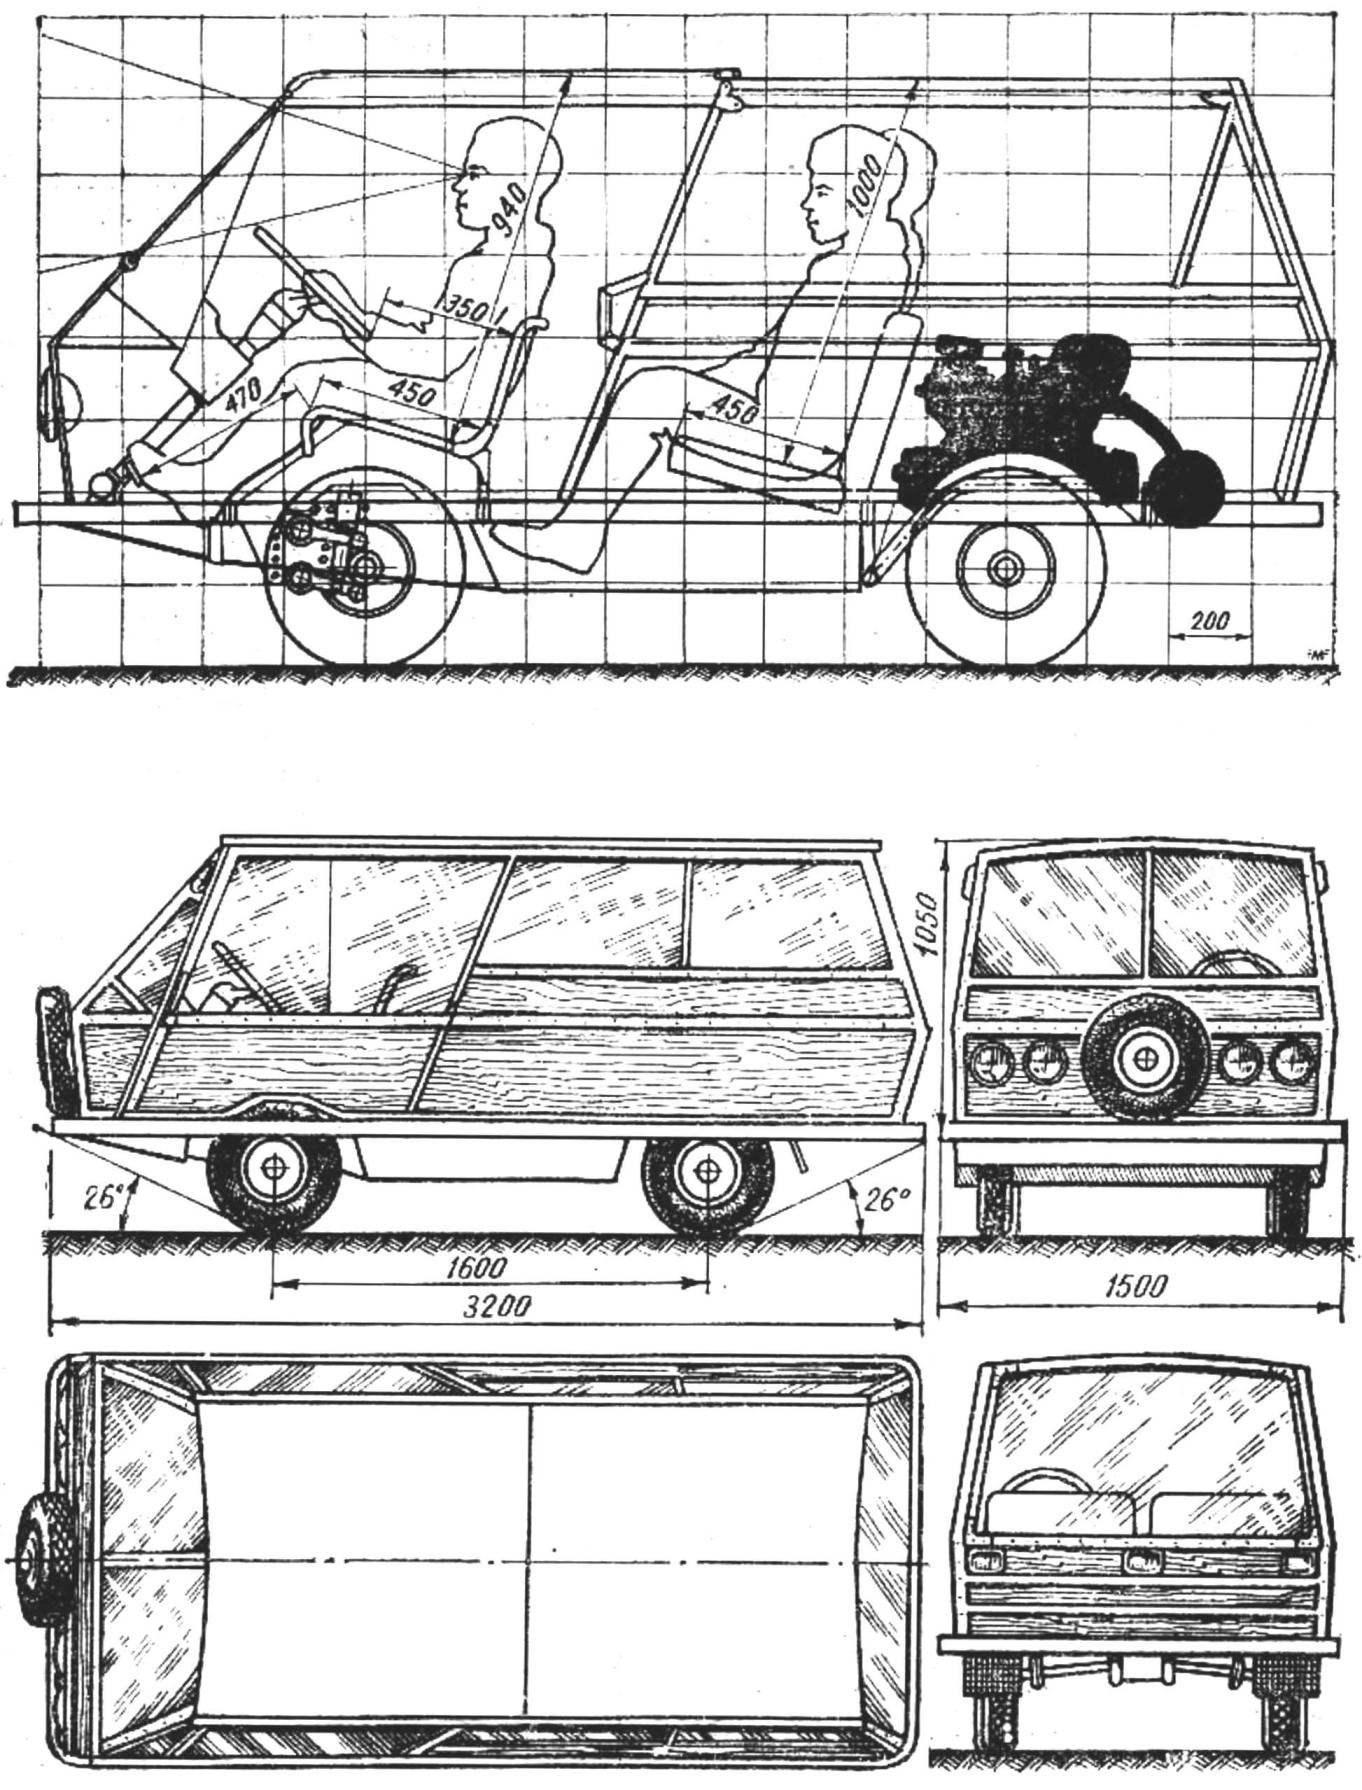 Рис. 3. Схема микроавтомобиля «Минимакс» в четырех проекциях и основные размеры посадочных мест.